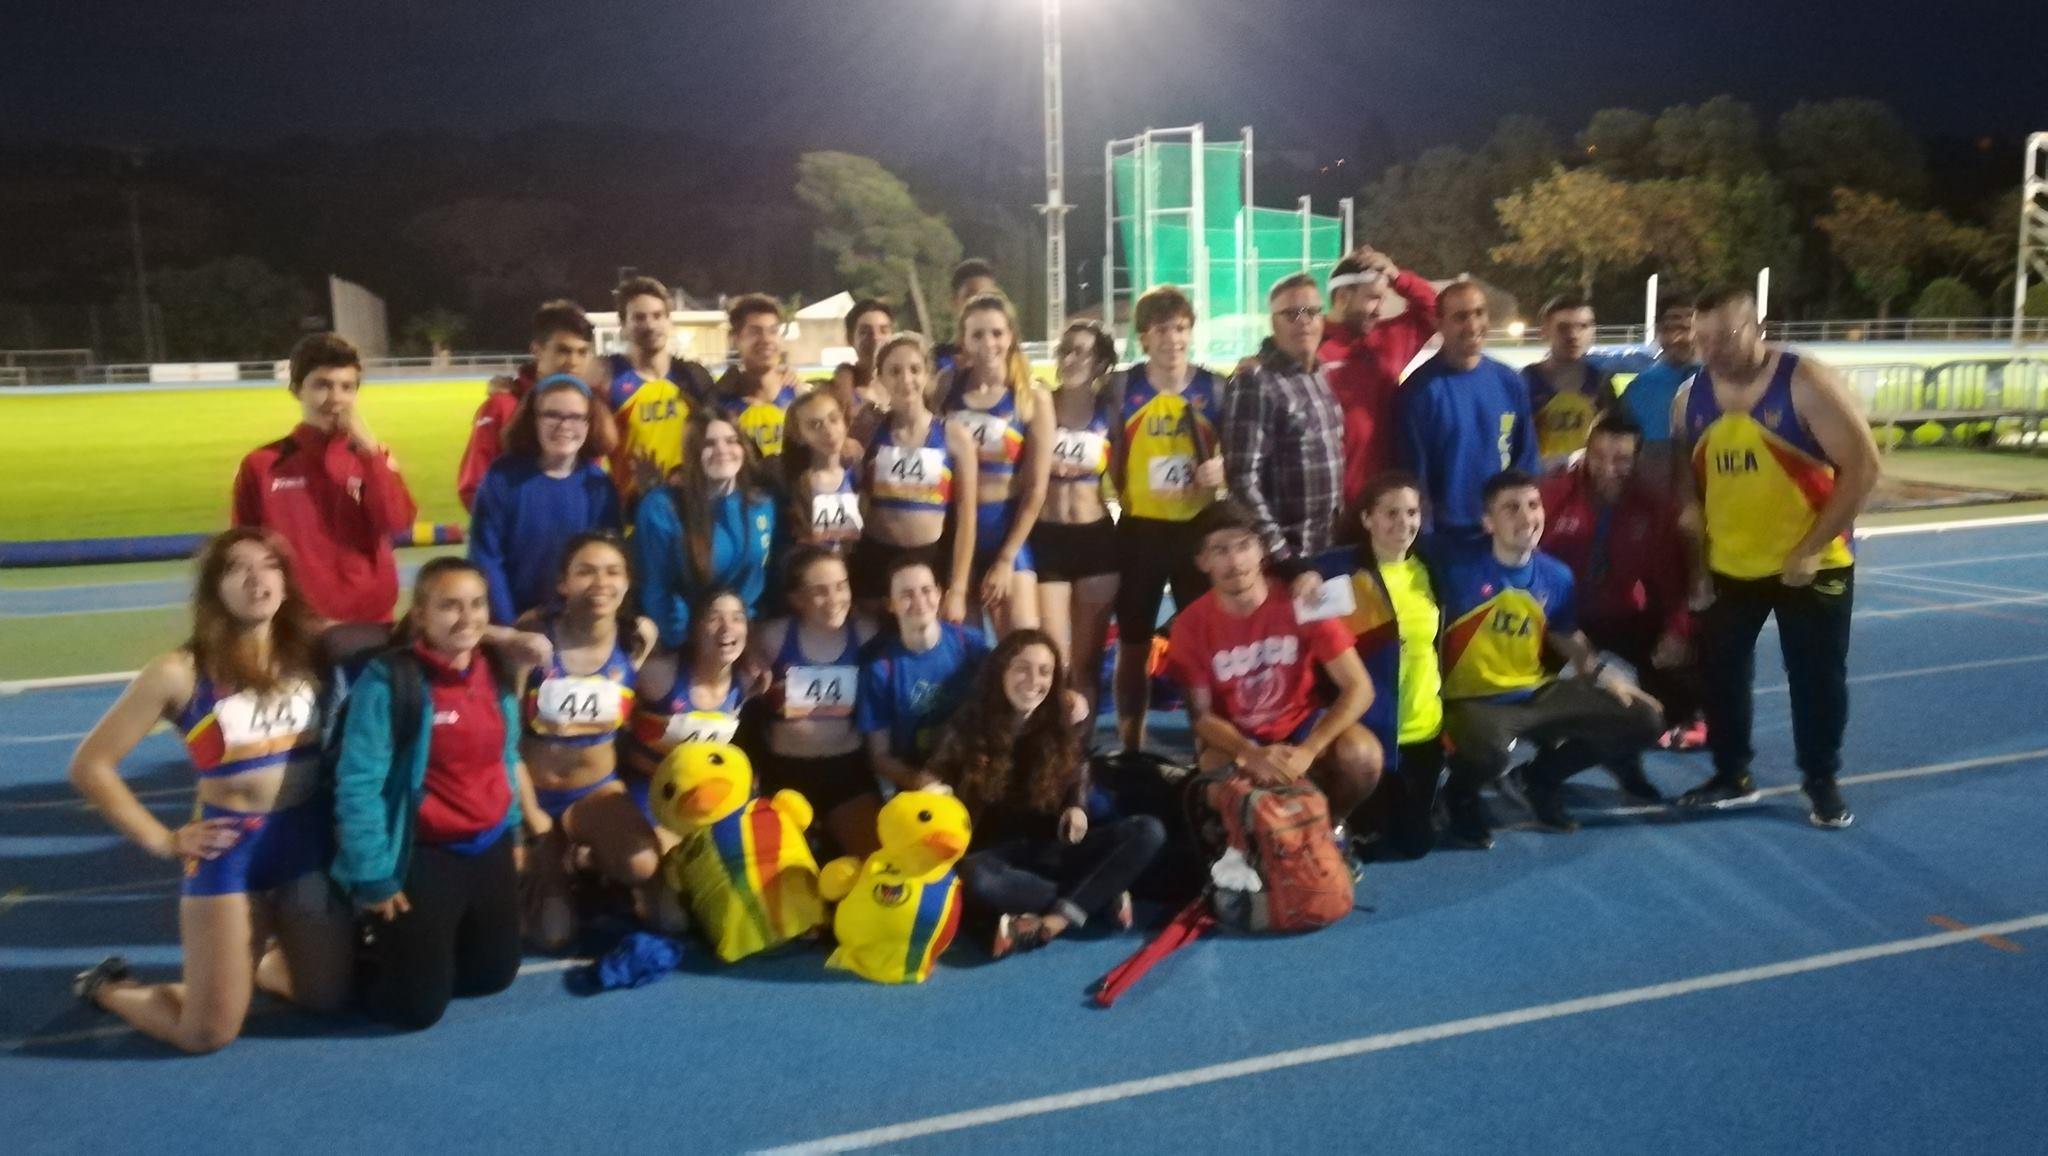 Tercera posició de la UCA al Campionat de Catalunya de Clubs 2018 Final B!